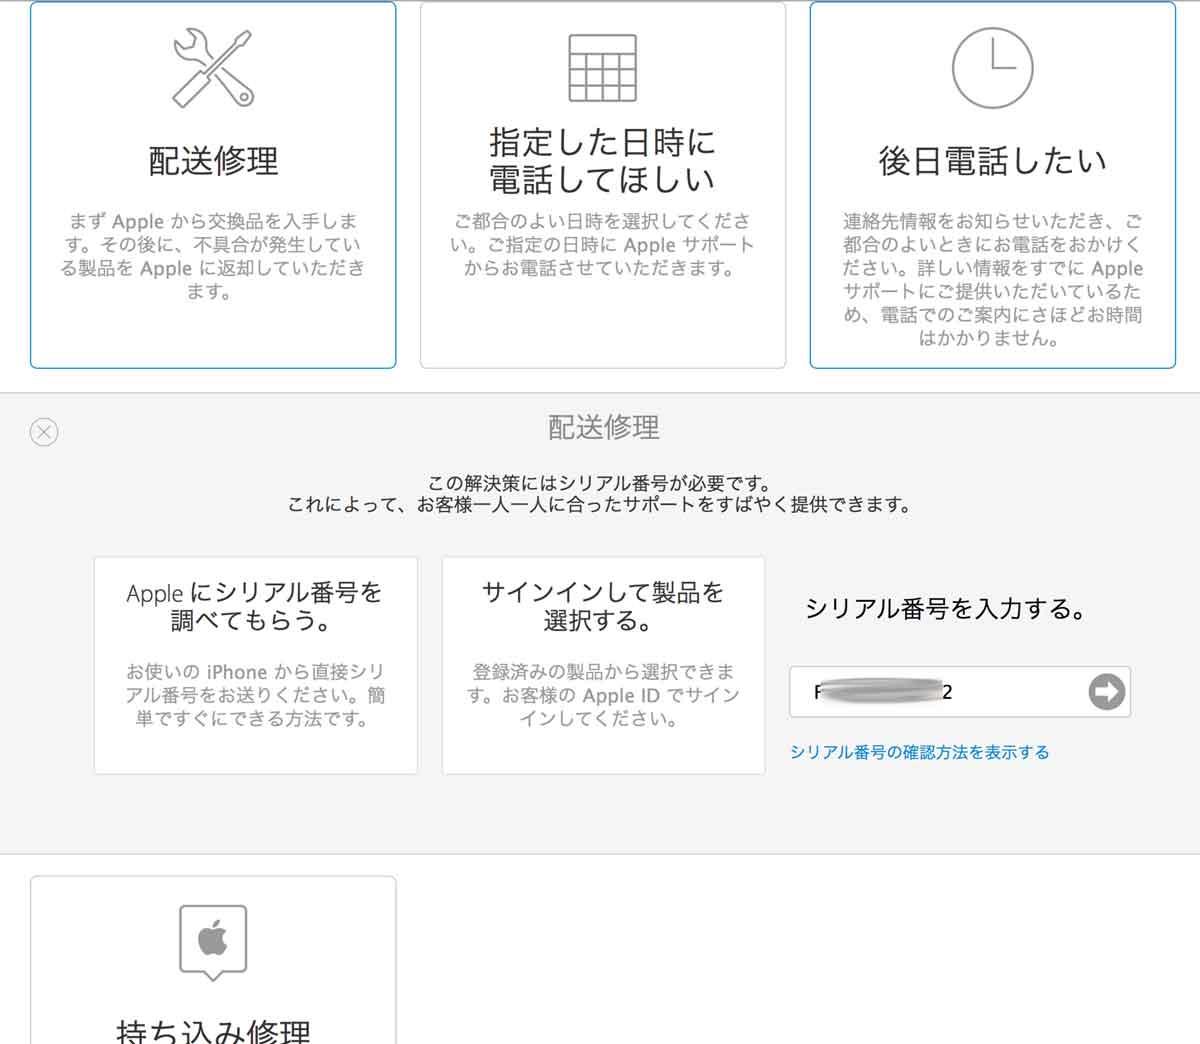 iPhoneのライトニングケーブル交換。保証期間内か調べるためにiPhoneのシリアルが必要。